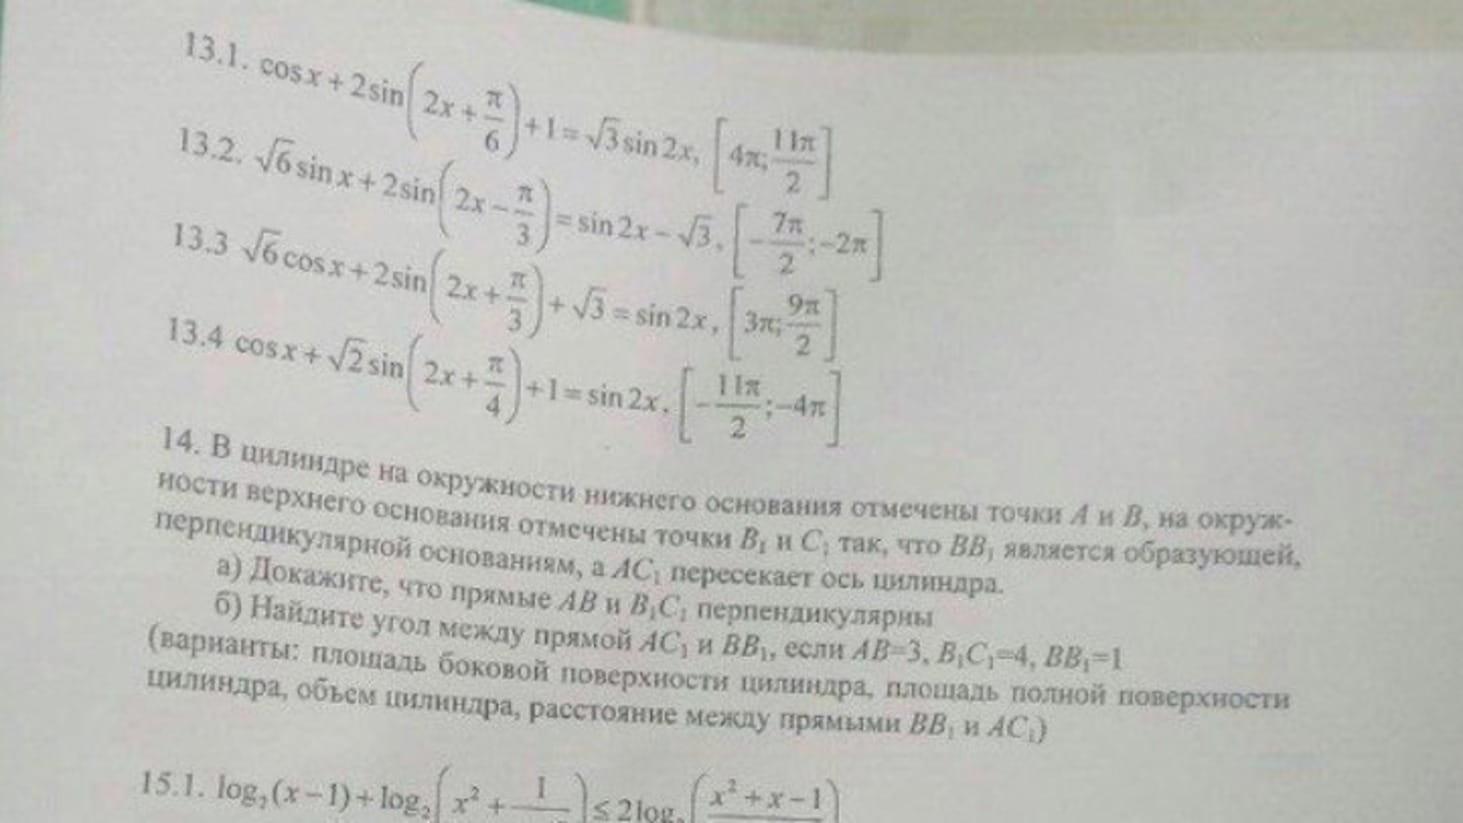 15-tysyach-chelovek-trebuyut-provesti-rassledovanie-po-povodu-utechki-zadanij-ege